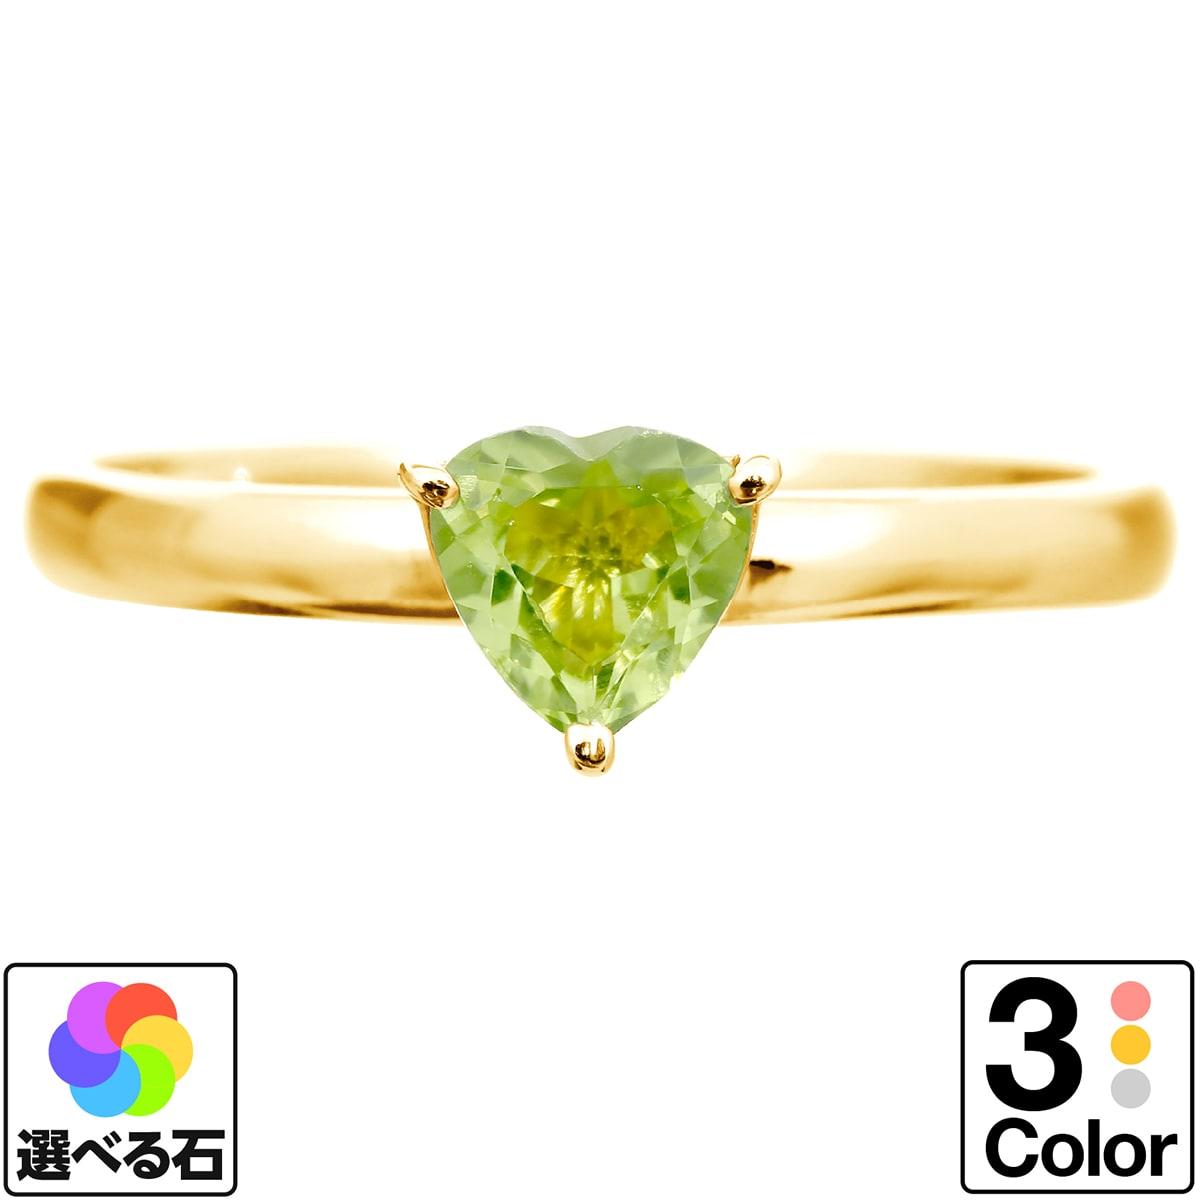 ペリドット リング k18 イエローゴールド/ホワイトゴールド/ピンクゴールド ファッションリング 品質保証書 金属アレルギー 日本製 誕生日 ギフト